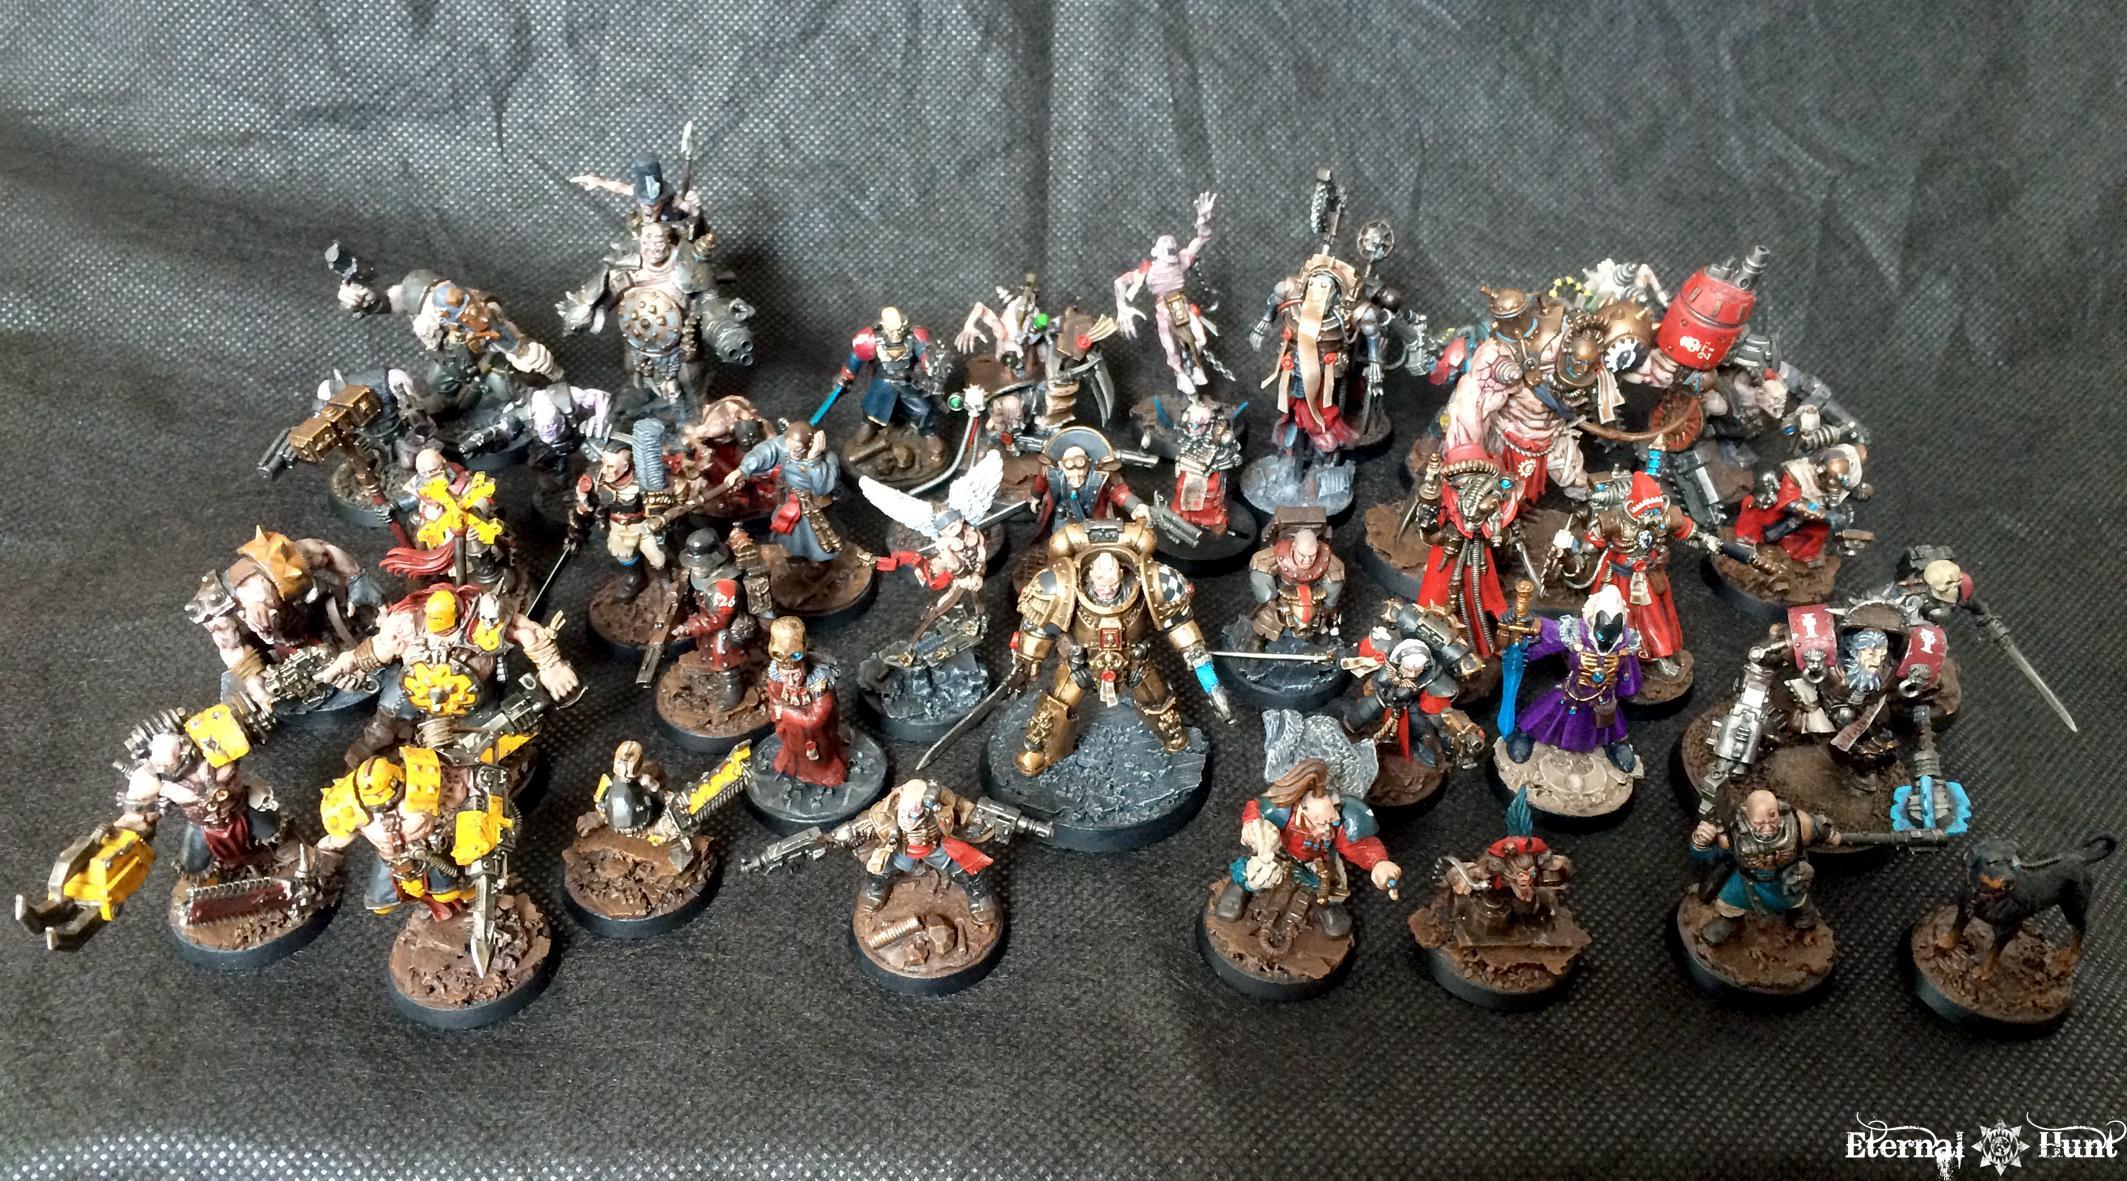 Collection, Conversion, Inq28, Inquisimunda, Inquisitor, Inquisitor 28, Kitbash, Warhammer 40,000